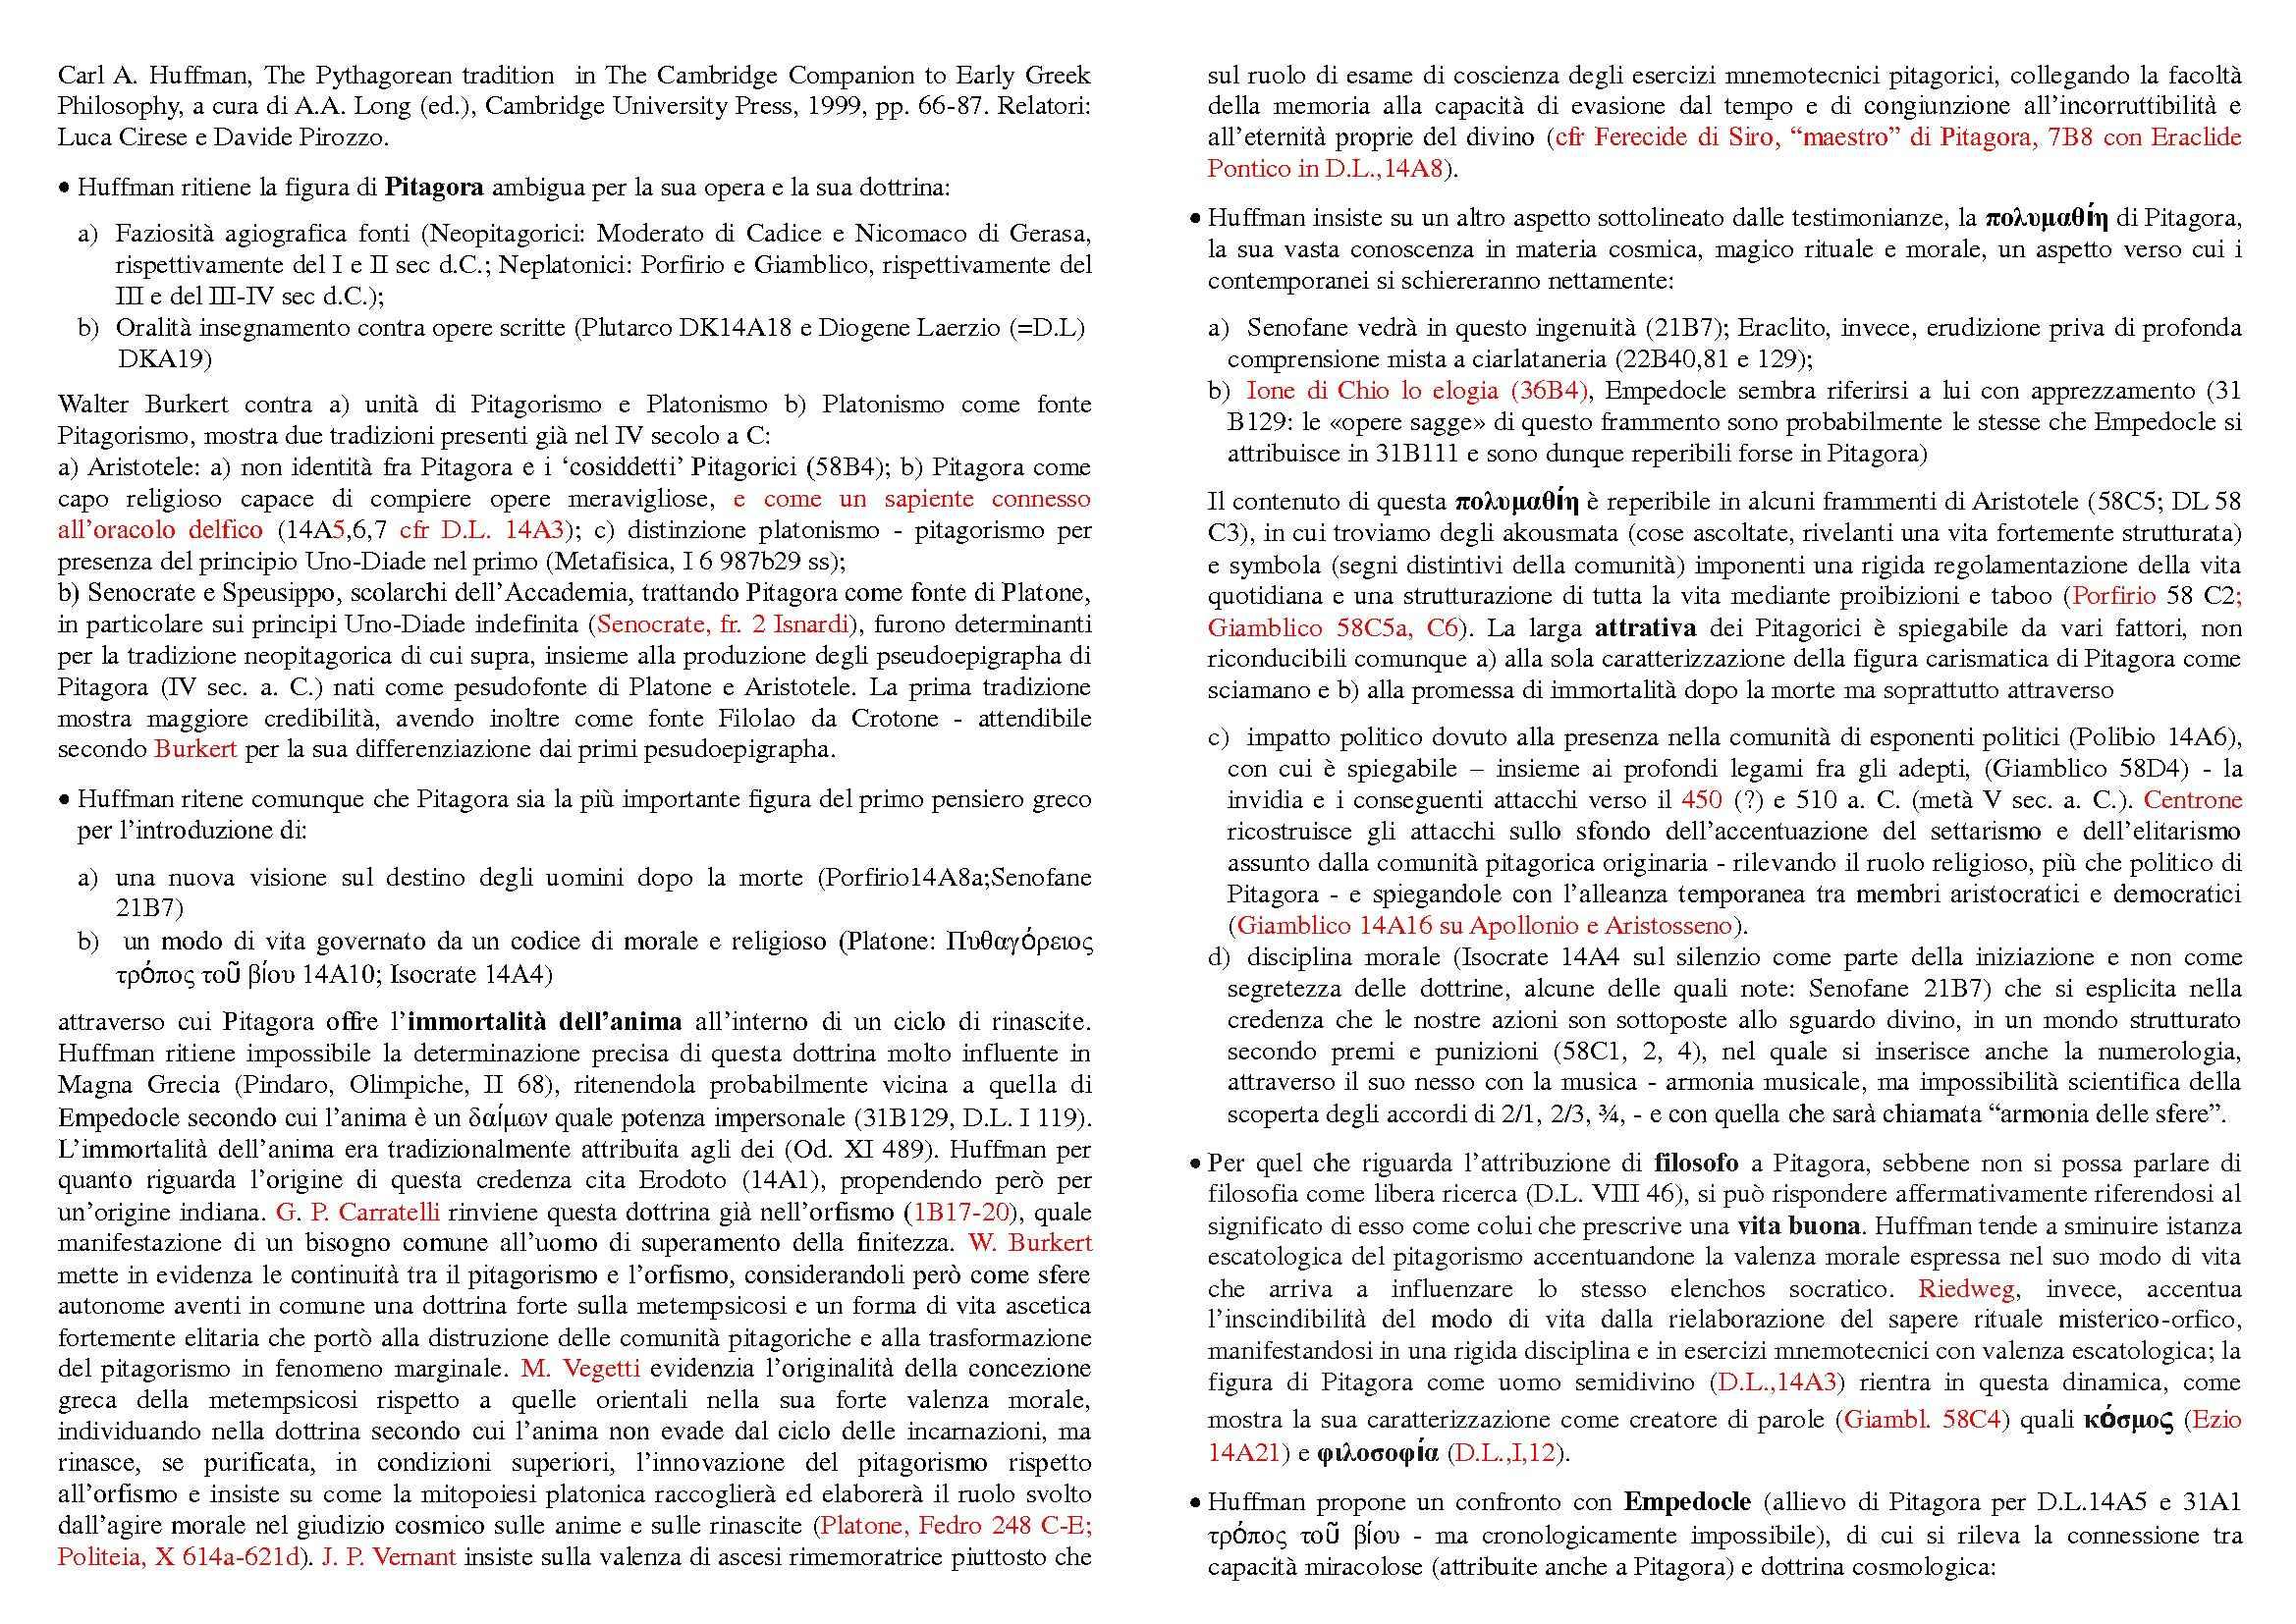 dispensa E. Spinelli Storia della filosofia antica